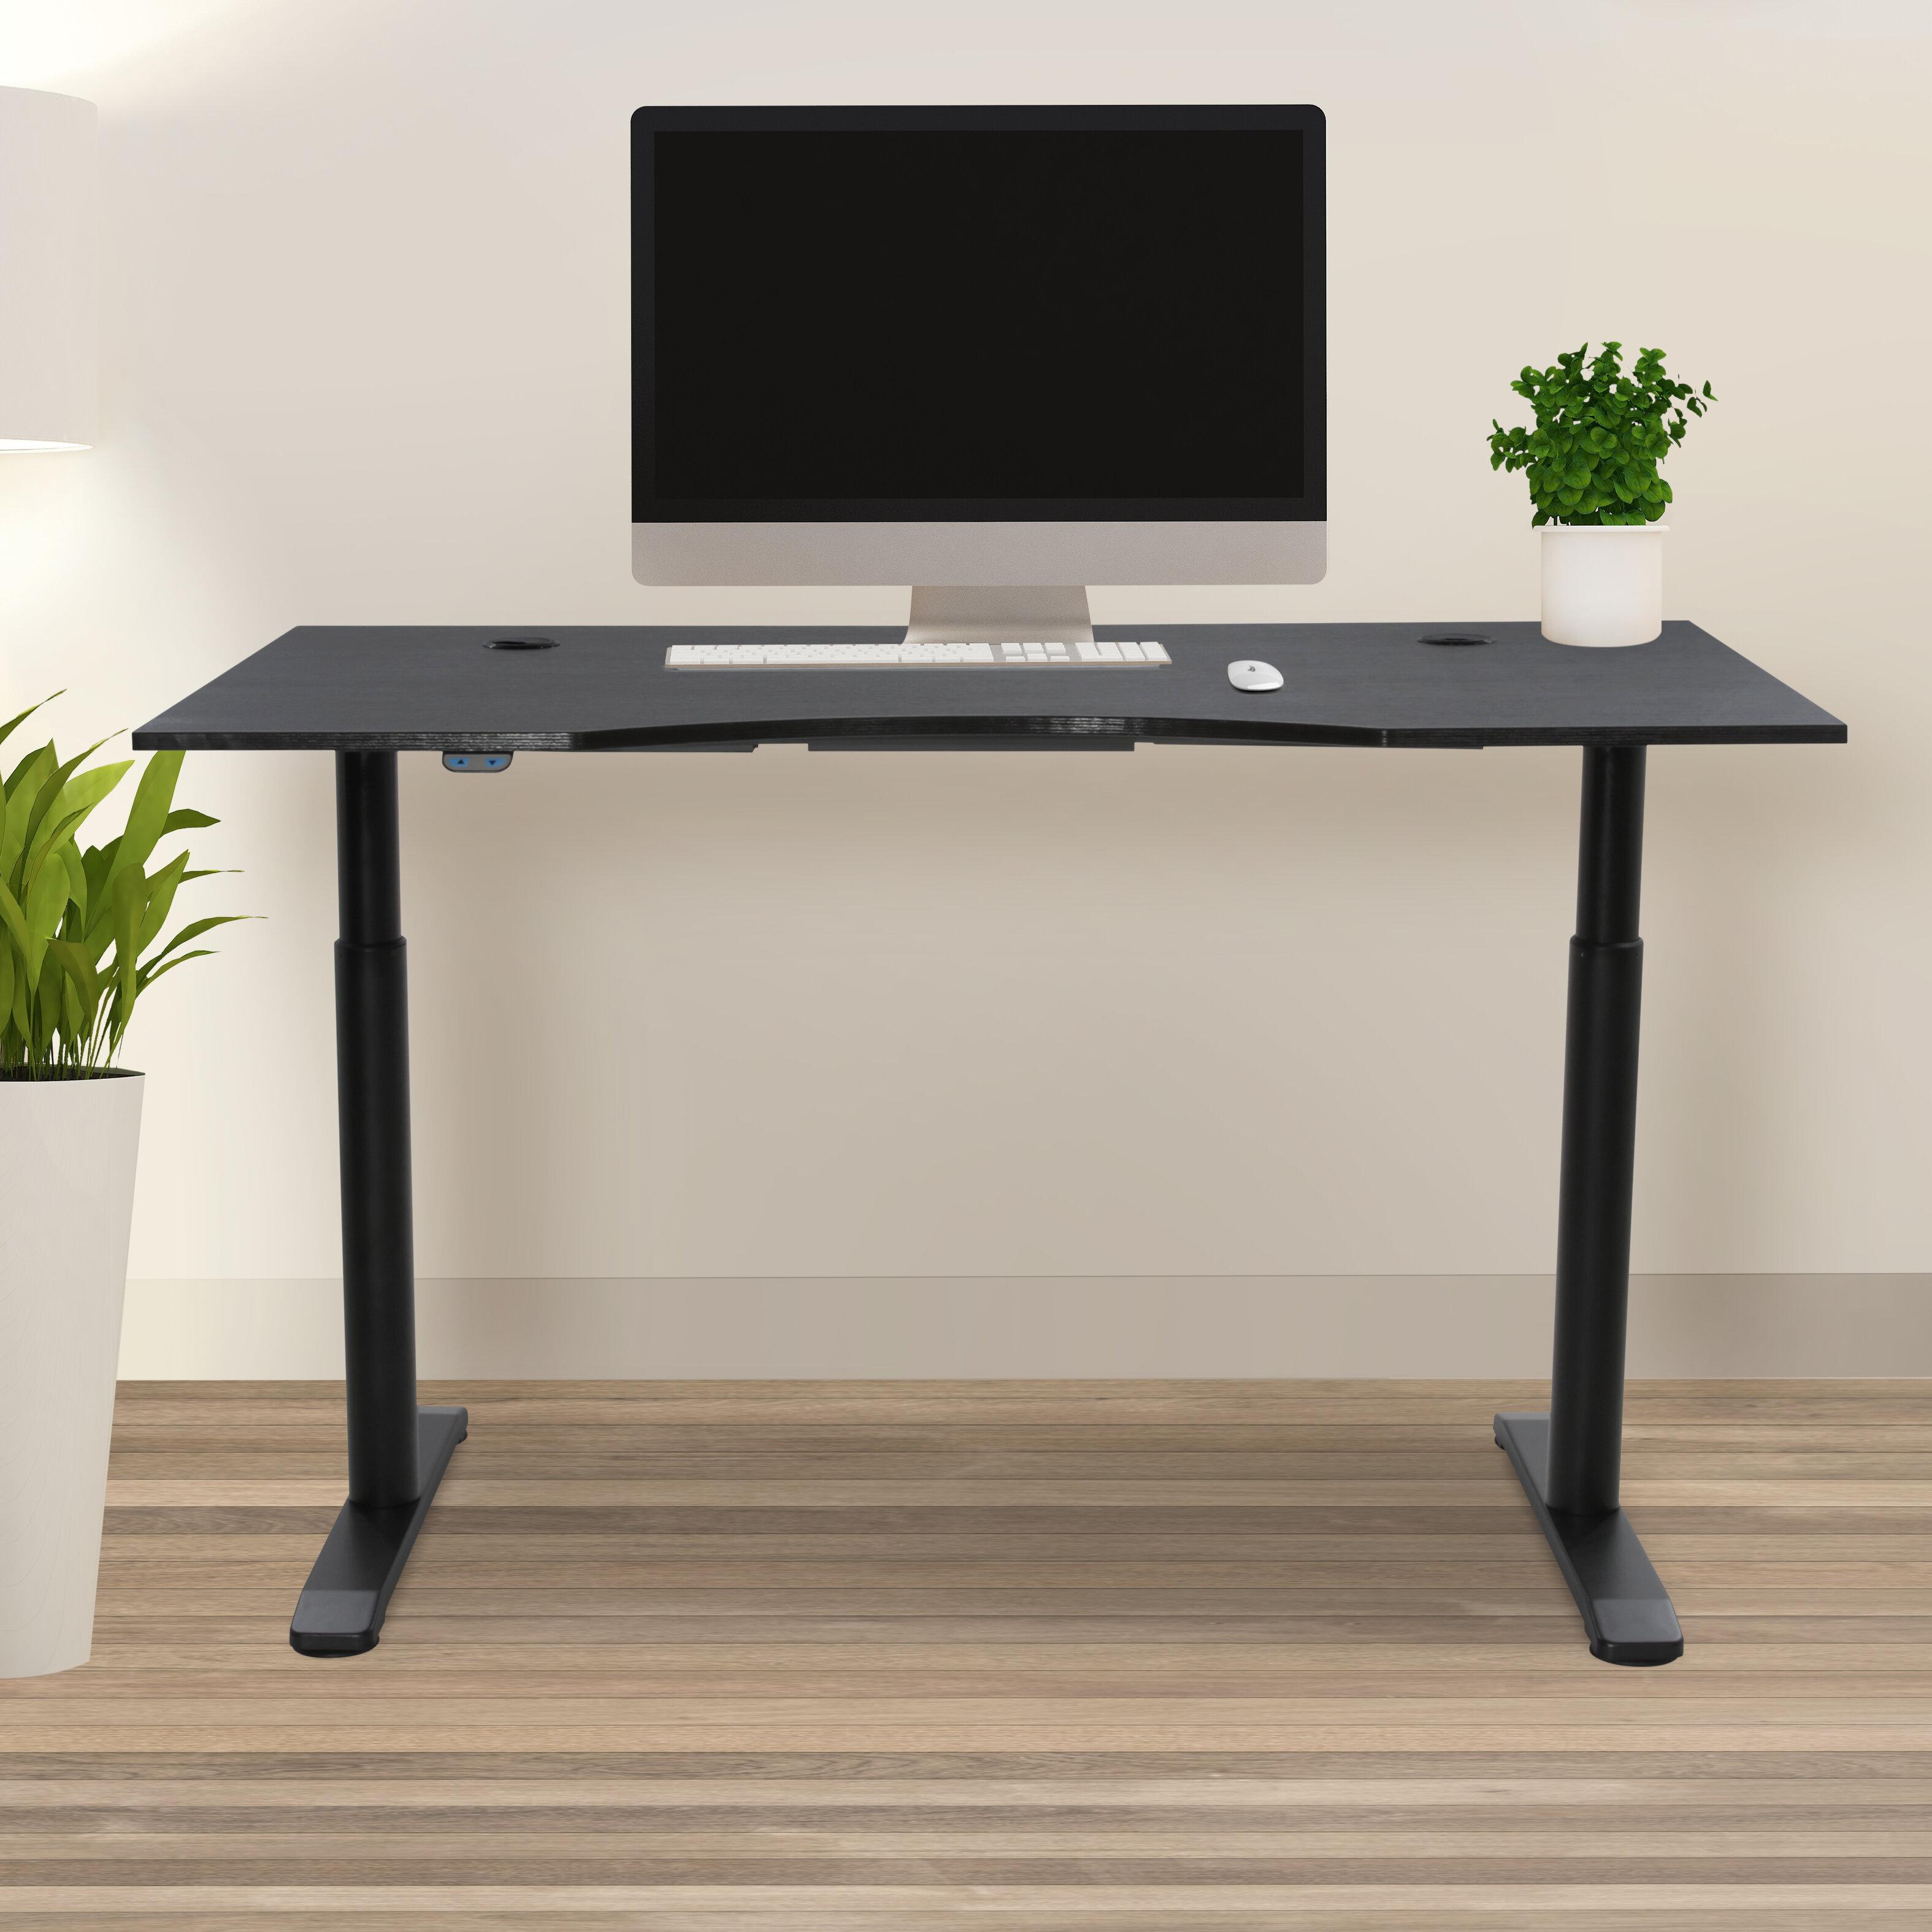 Haaken Furniture Pro X Height Adjustable Standing Desk Wayfair